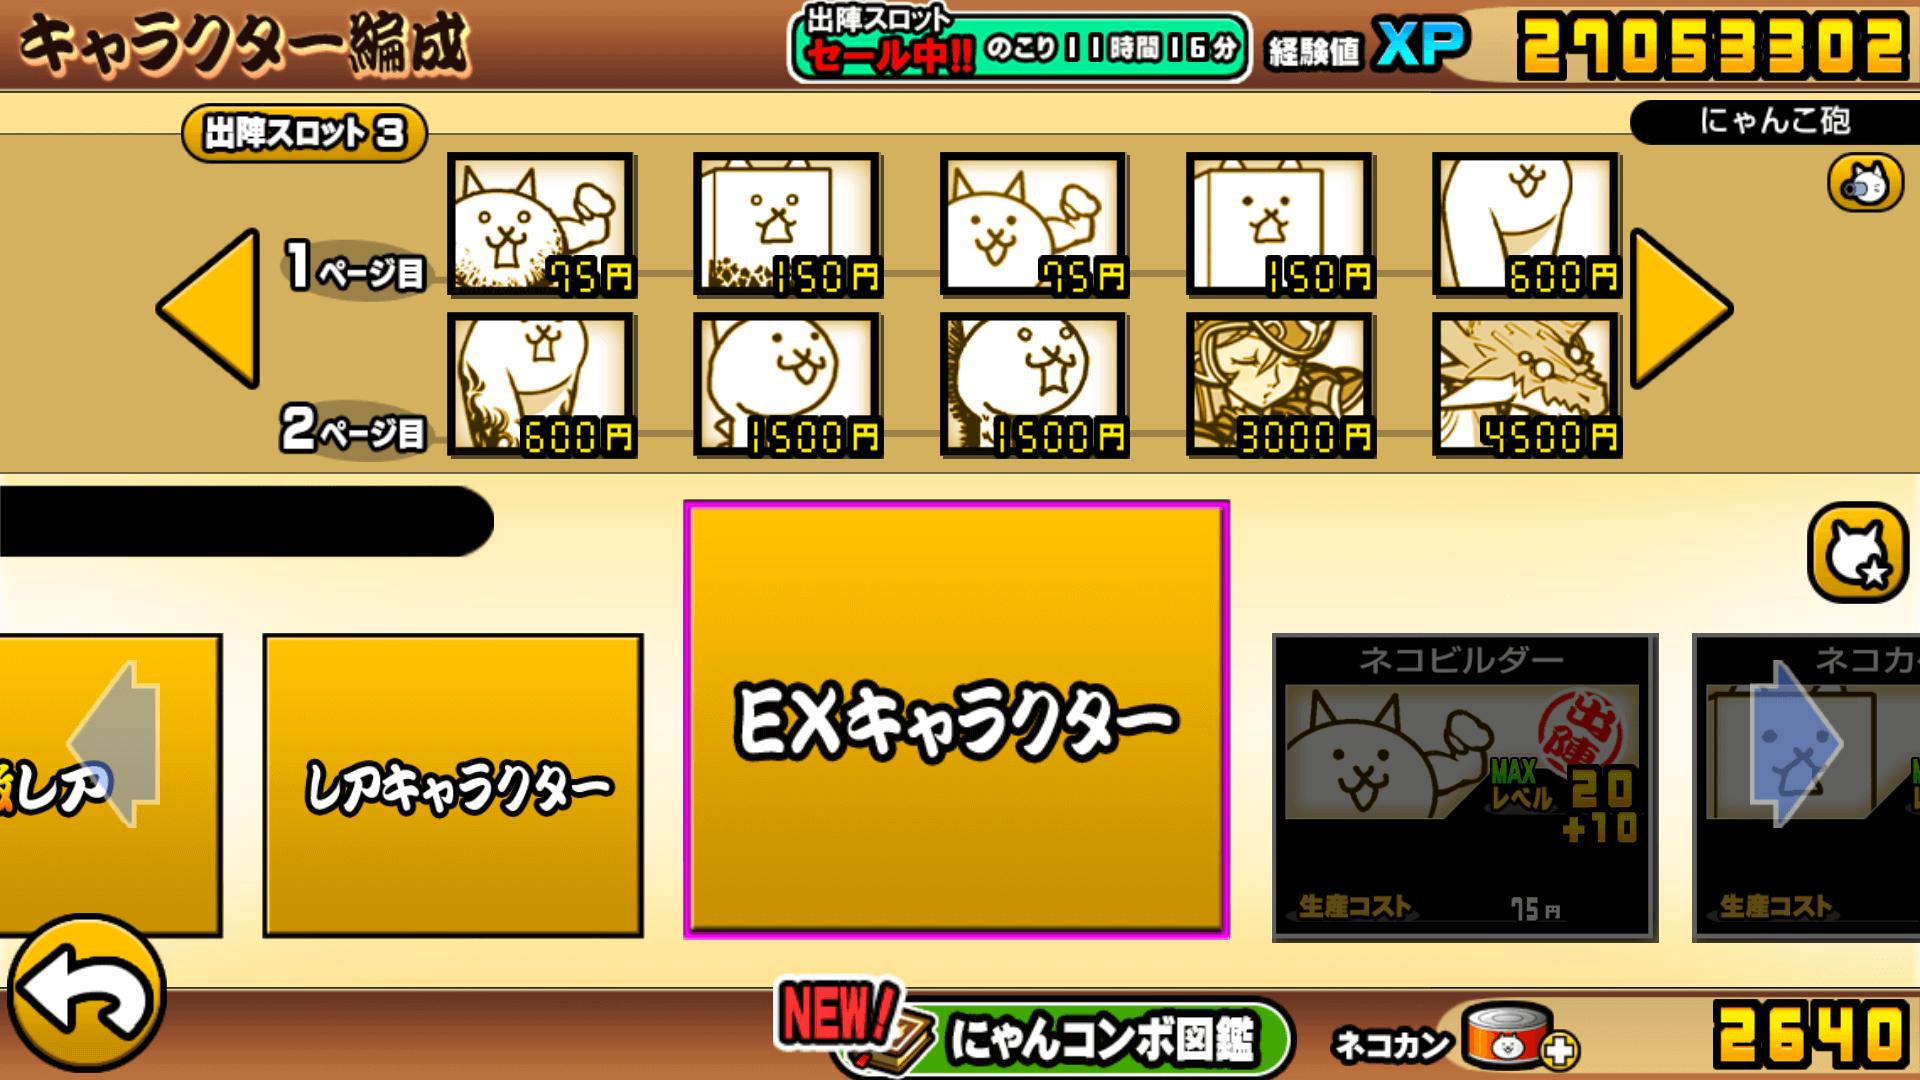 茶罪~ギル・ティ~で使用したネコ